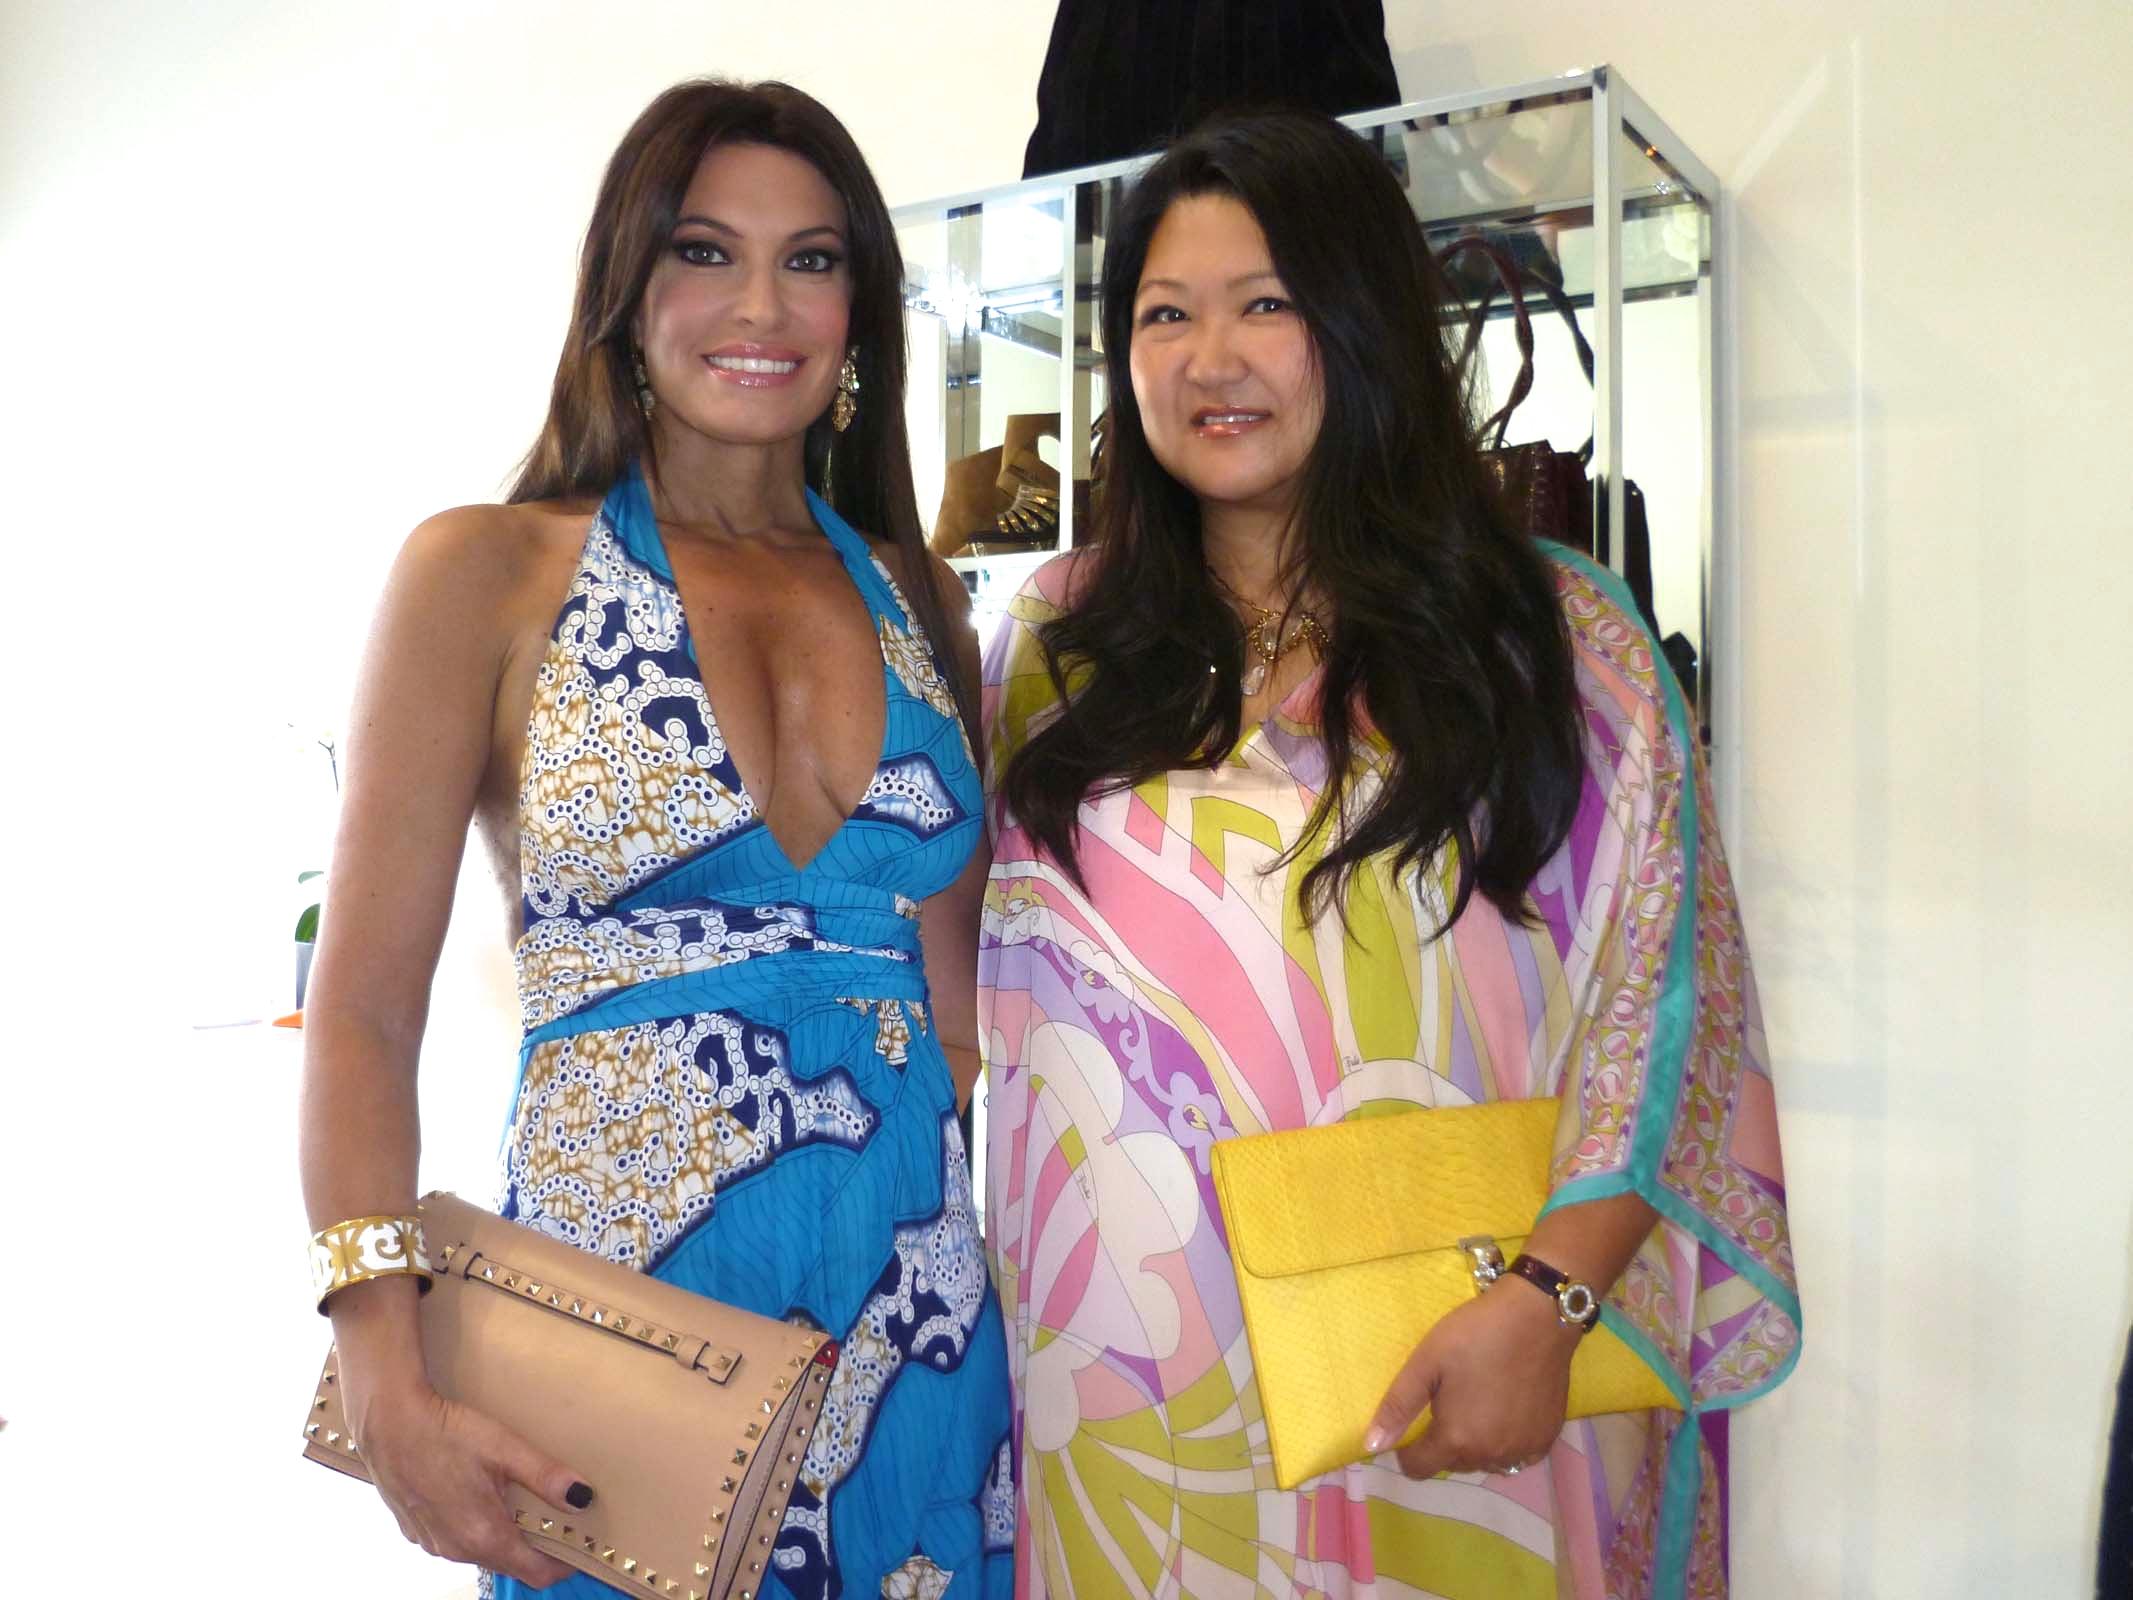 Kimberly Guifoyle & Susan Shin - Love Heals - Tamara Mellon event